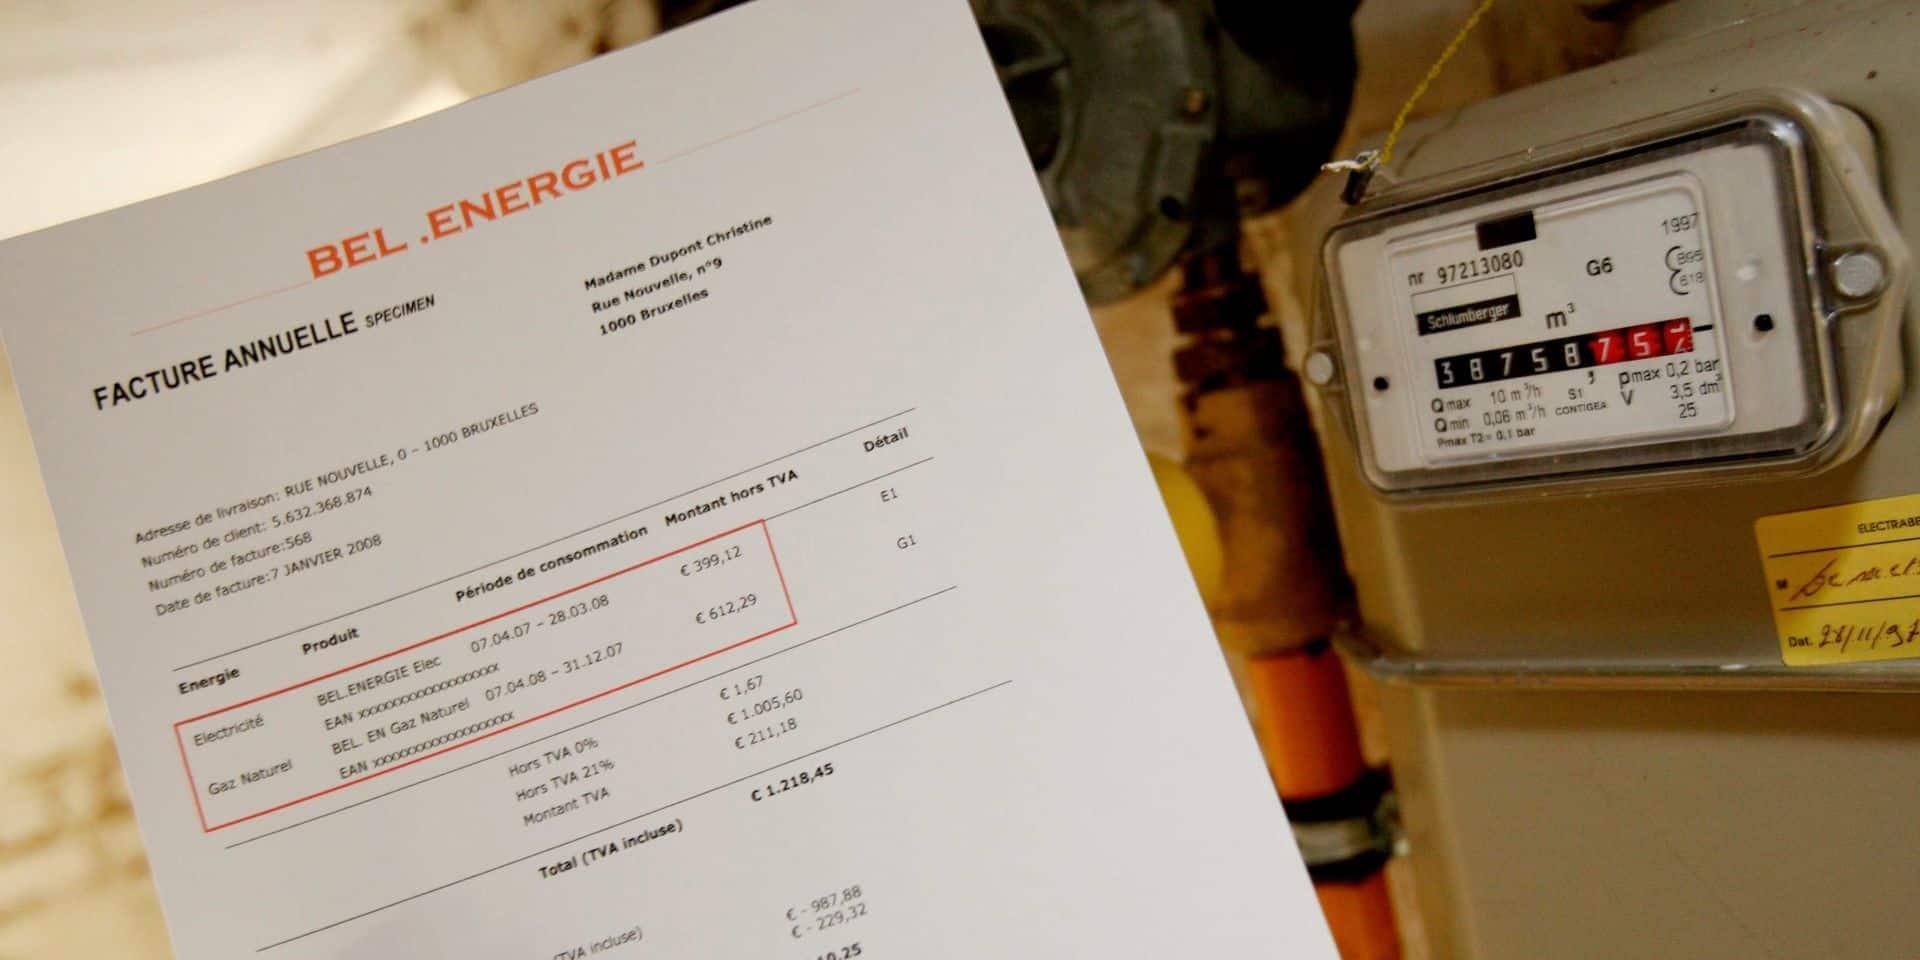 Les prix de l'électricité et du gaz restent bas en Belgique selon des statistiques